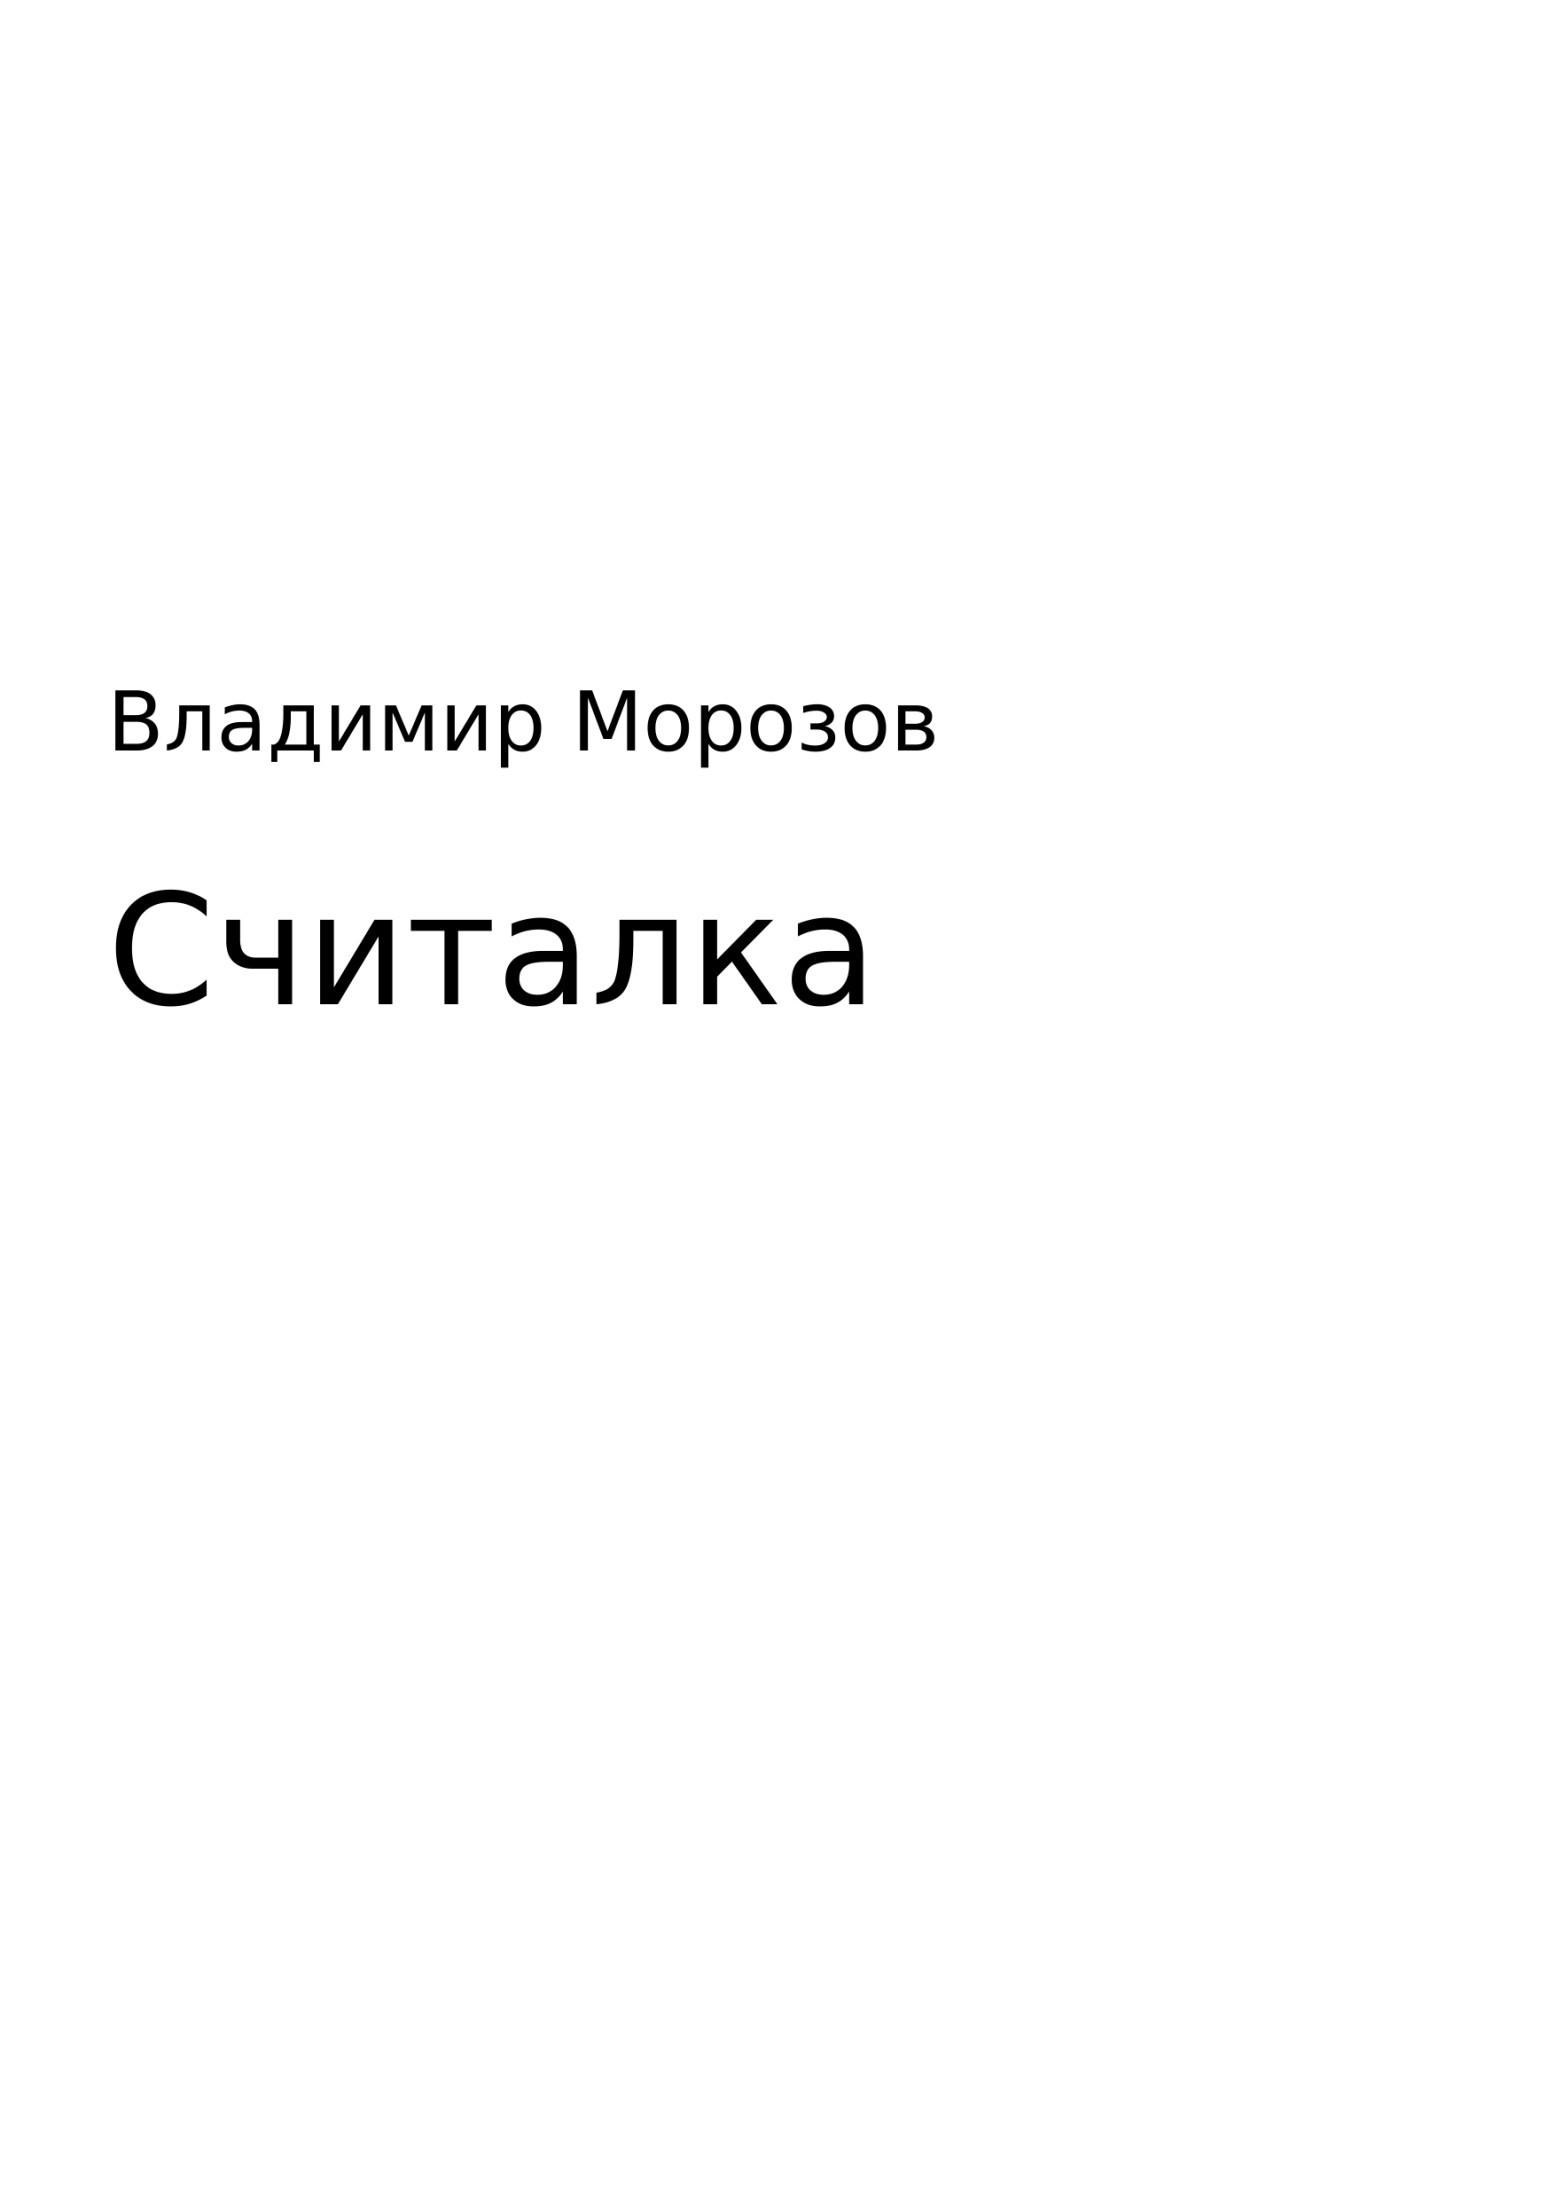 Владимир Игоревич Морозов Считалка владимир игоревич морозов рождественские каникулы